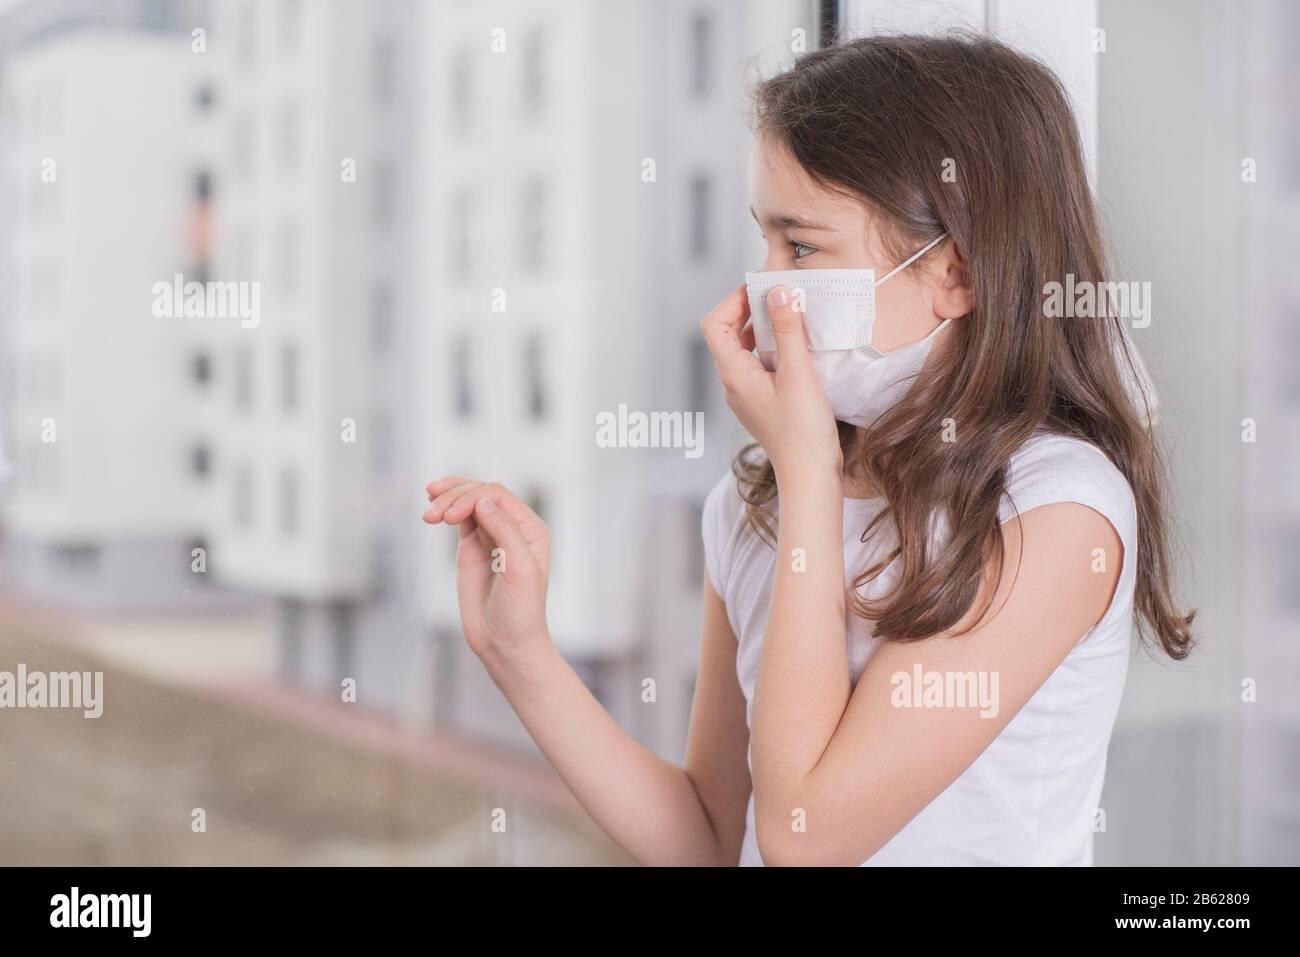 Coronovirus Quarantine Concept.Little girl wearing mask for ...